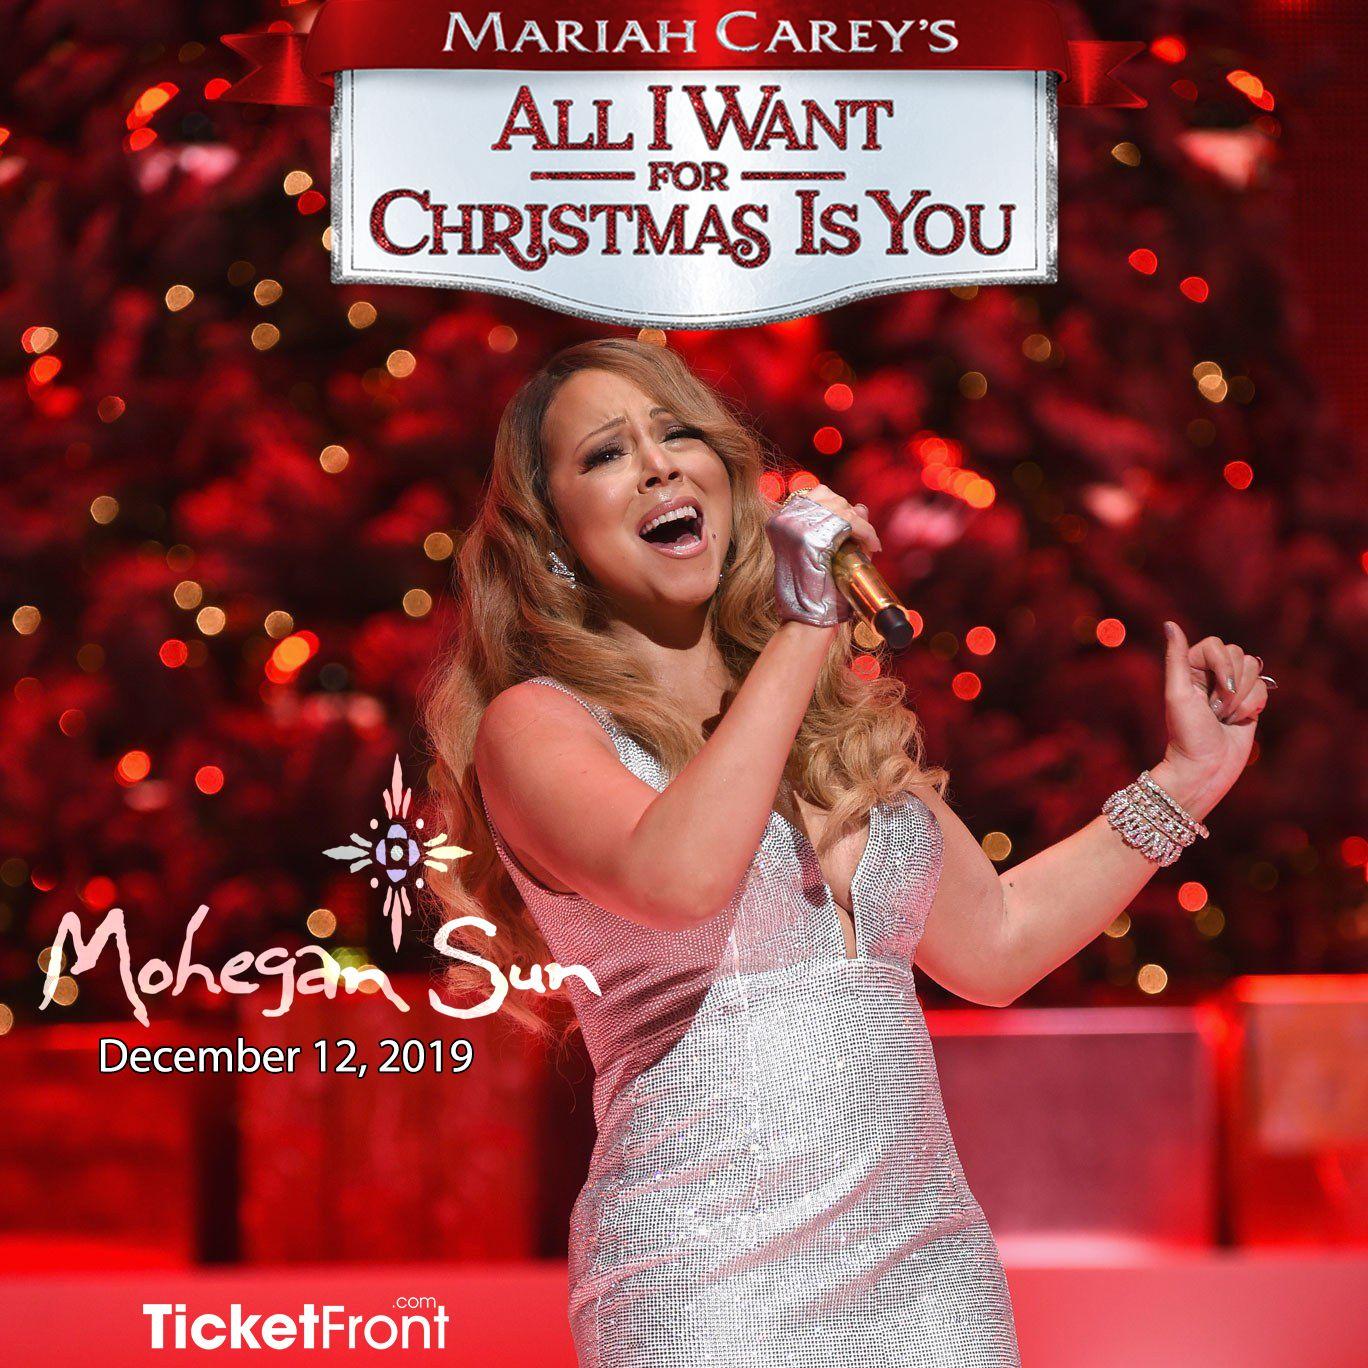 Mariah Carey At Mohegan Sun Arena Mariah Carey Mariah Christmas Tours